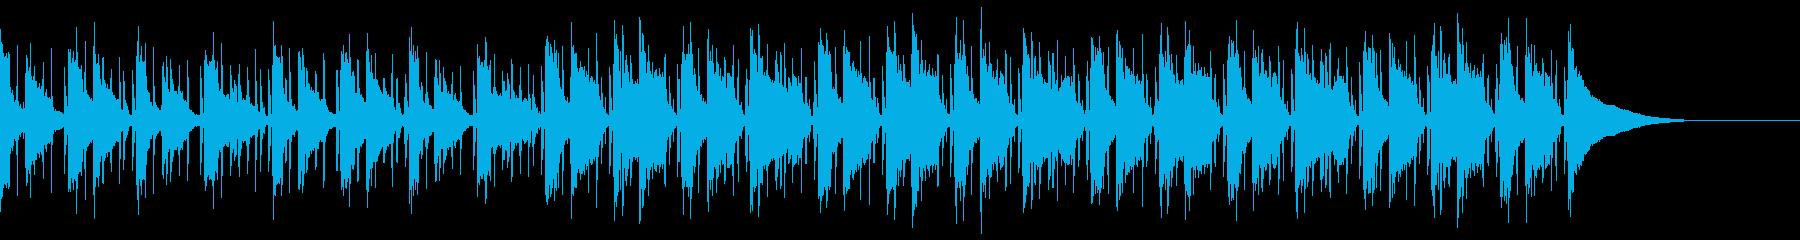 Pf「困惑」和風現代ジャズの再生済みの波形